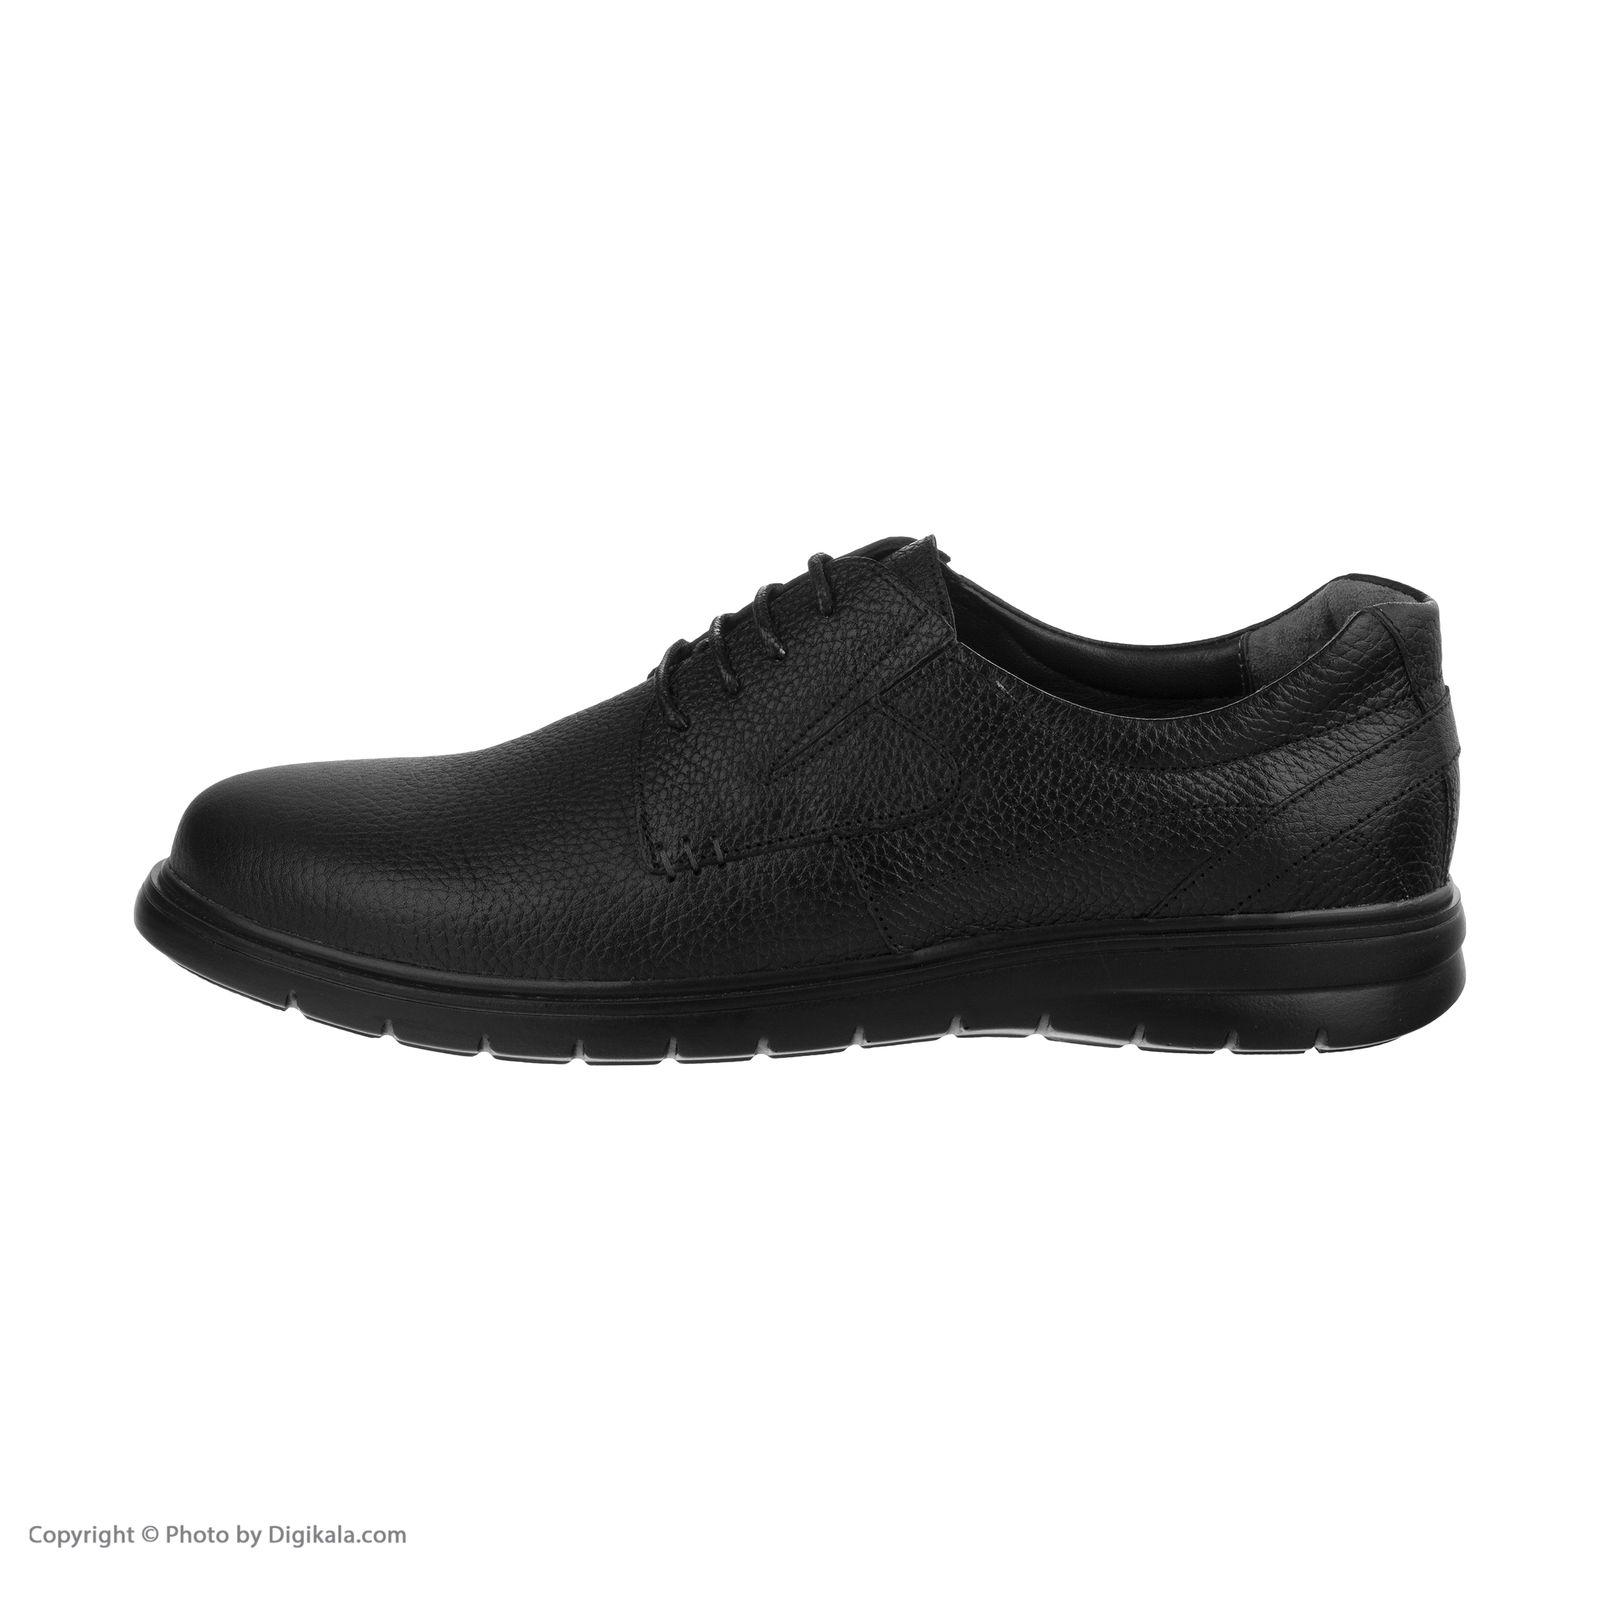 کفش روزمره مردانه سوته مدل 5001B503101 -  - 3